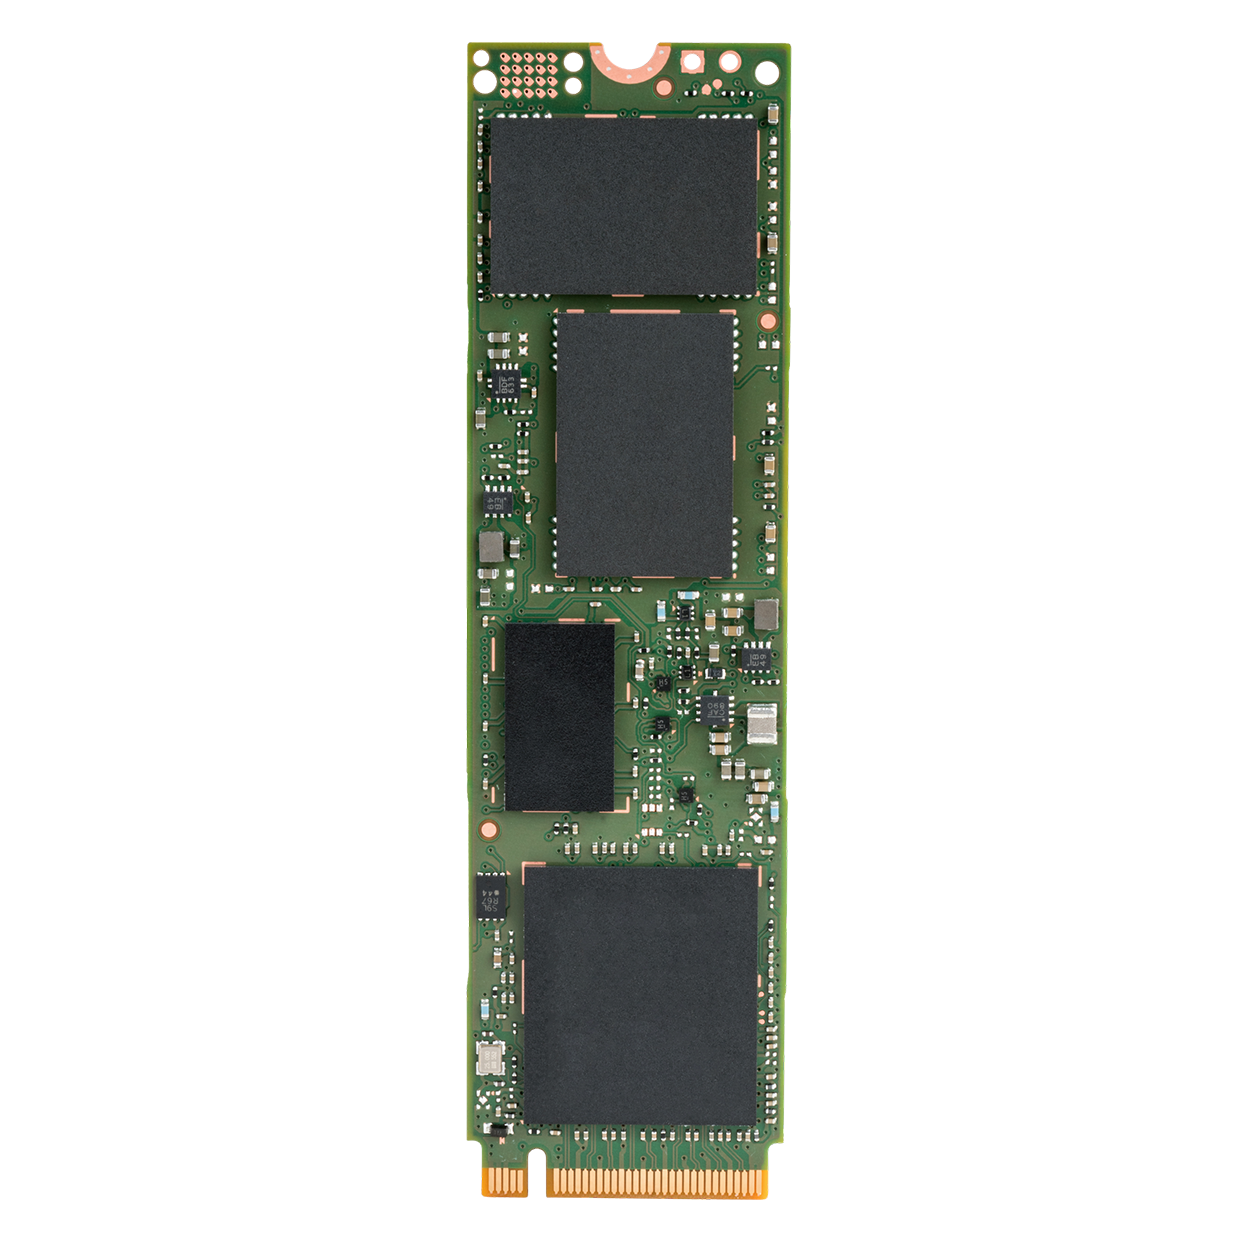 Intel® SSD DC P3100 Series, 128GB, M.2 80mm PCIe 3.0 x4, 3D1, TLC